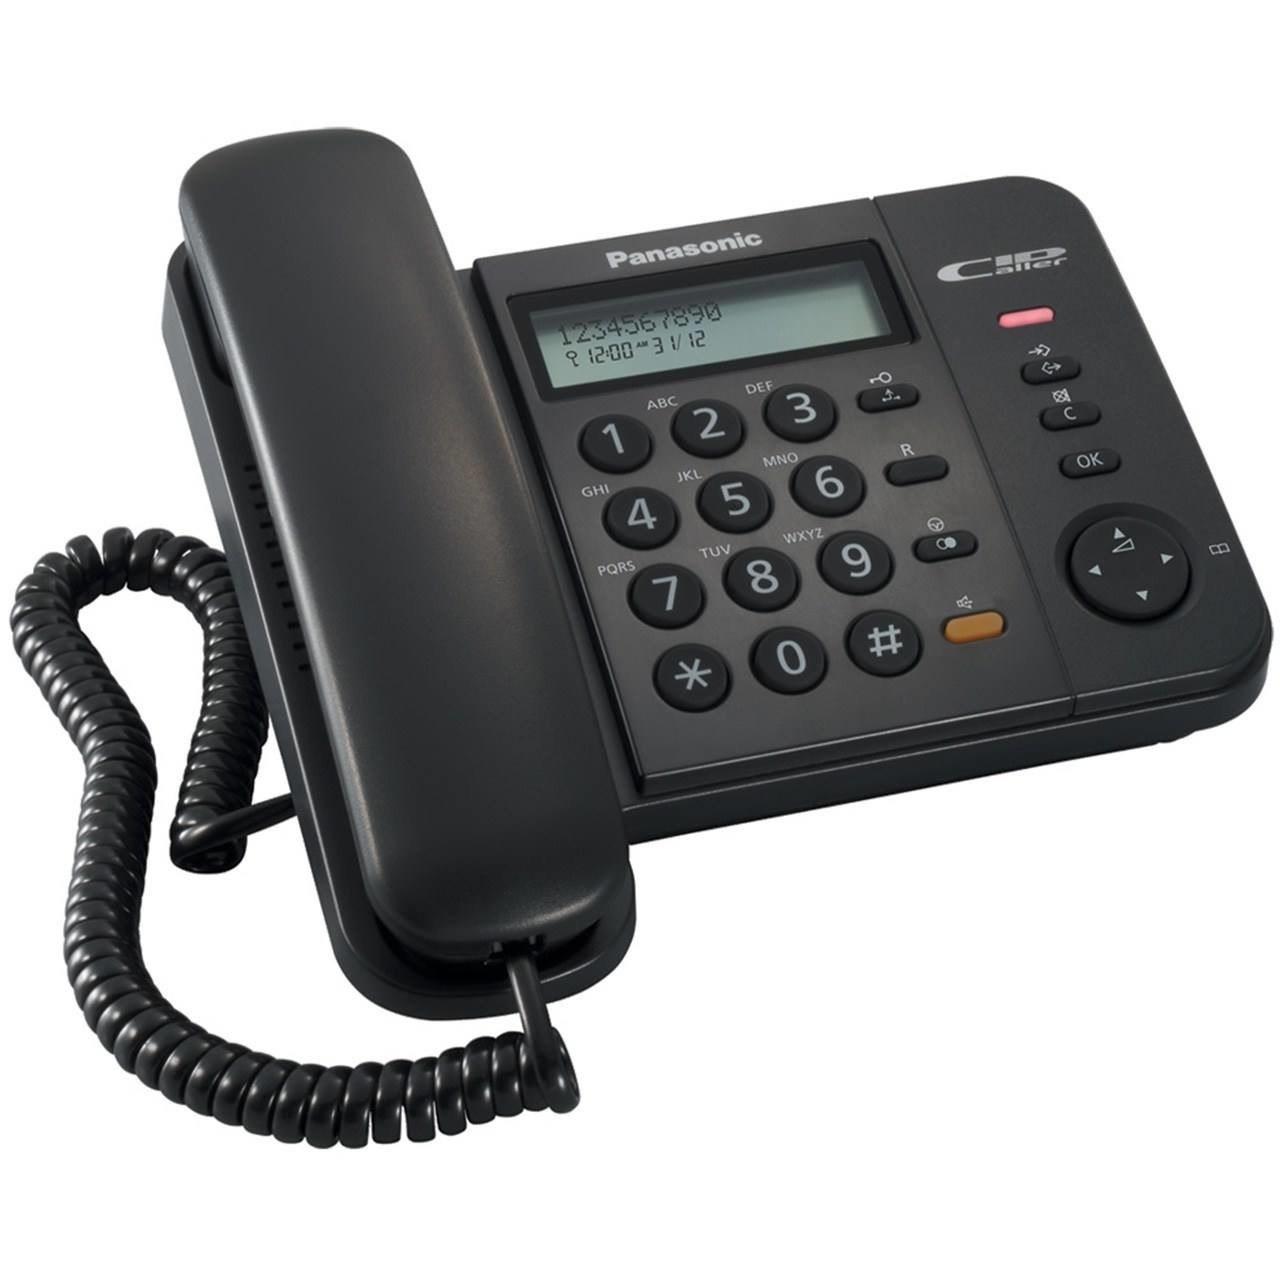 تصویر تلفن دیجیتال با سیم پاناسونیک مدل تی اس 580 ام ایکس Panasonic Digital Corded Phone - KX-TS580MX